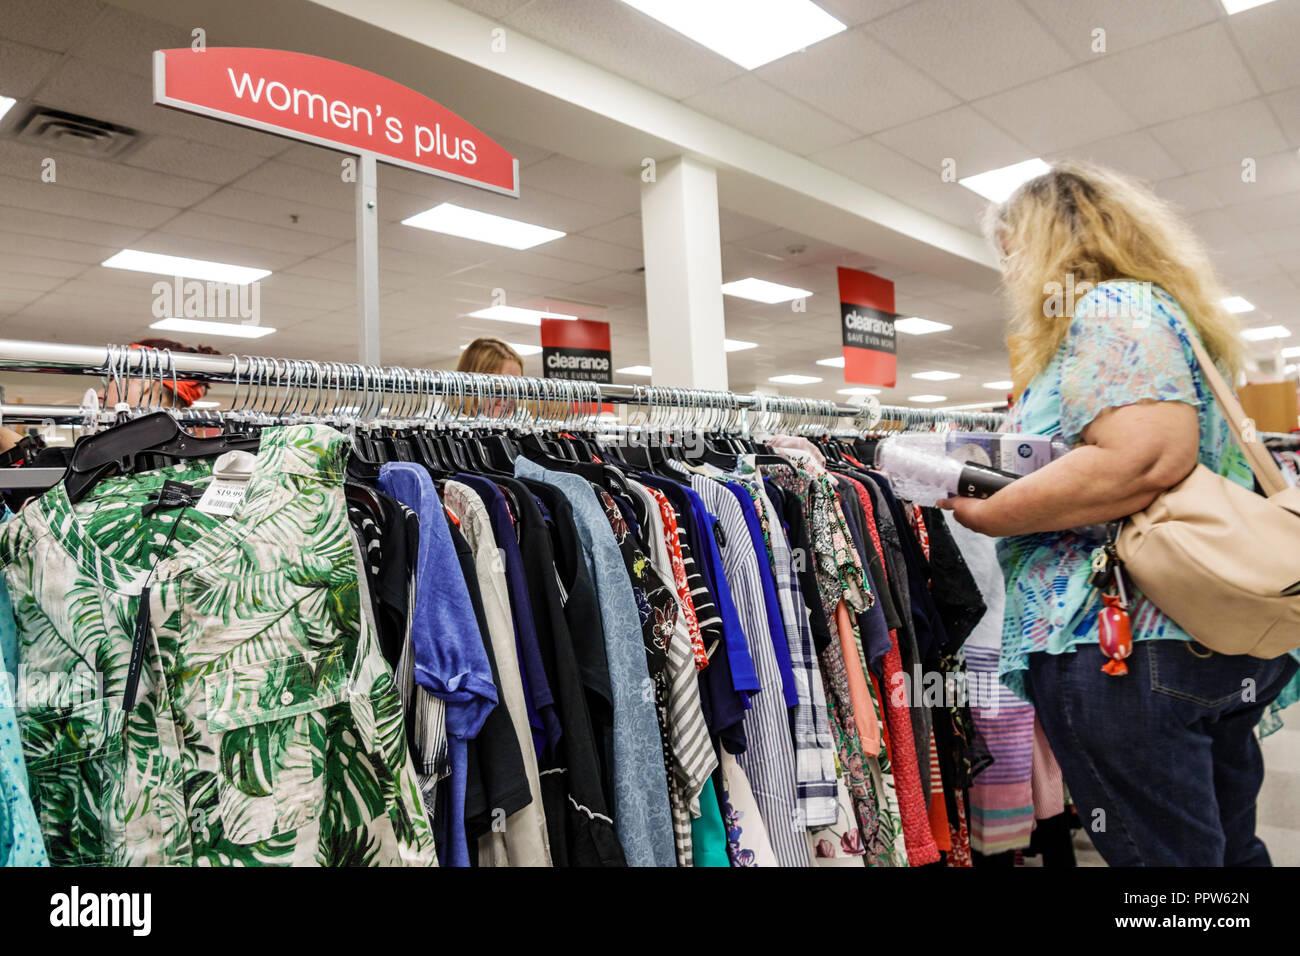 Ropa Para Mujer Mas Tallas Grandes Fotos E Imagenes De Stock Alamy